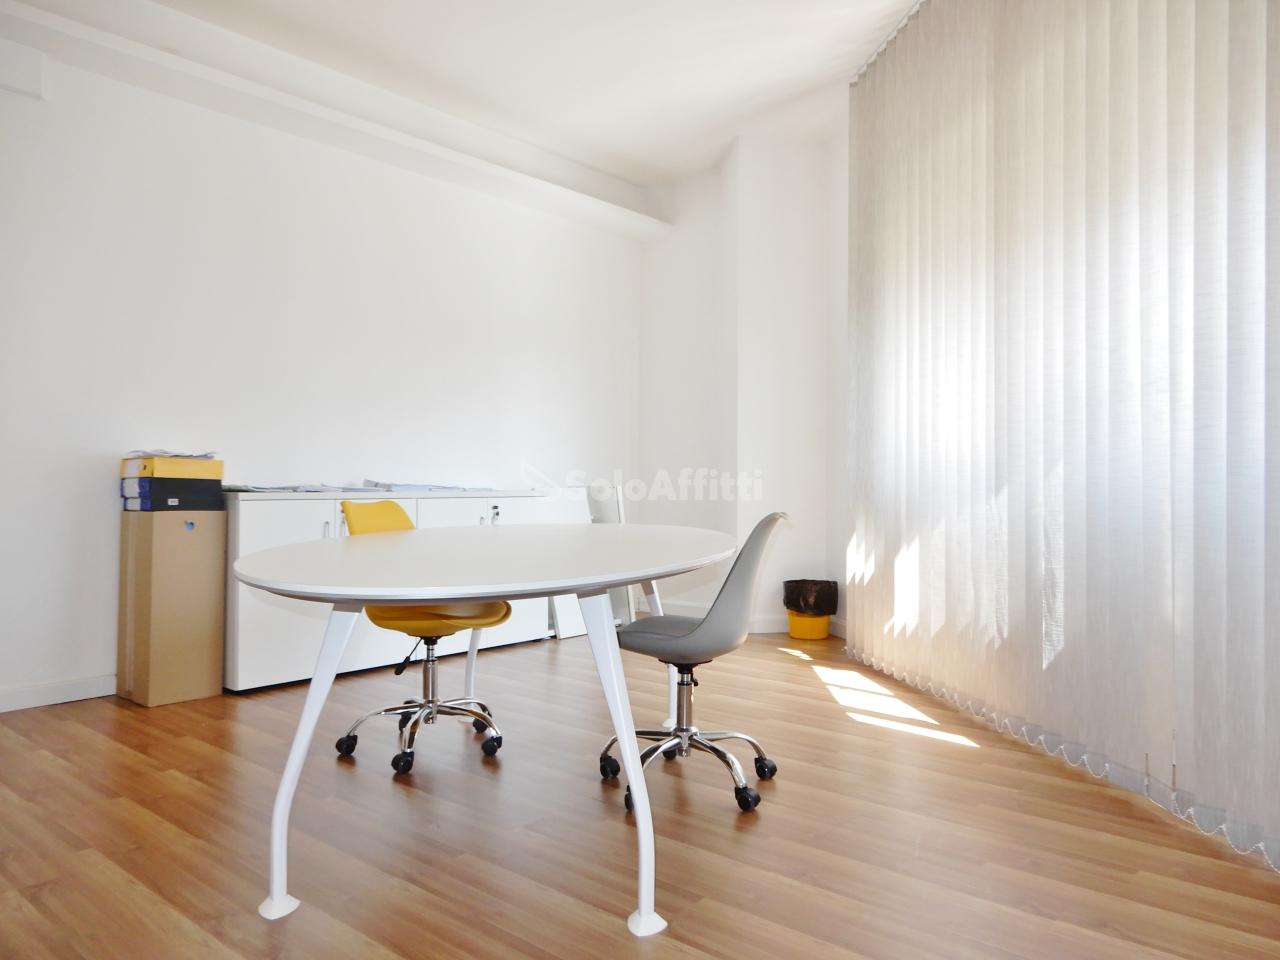 Ufficio - oltre 4 locali a Centro, Catanzaro Rif. 10499279